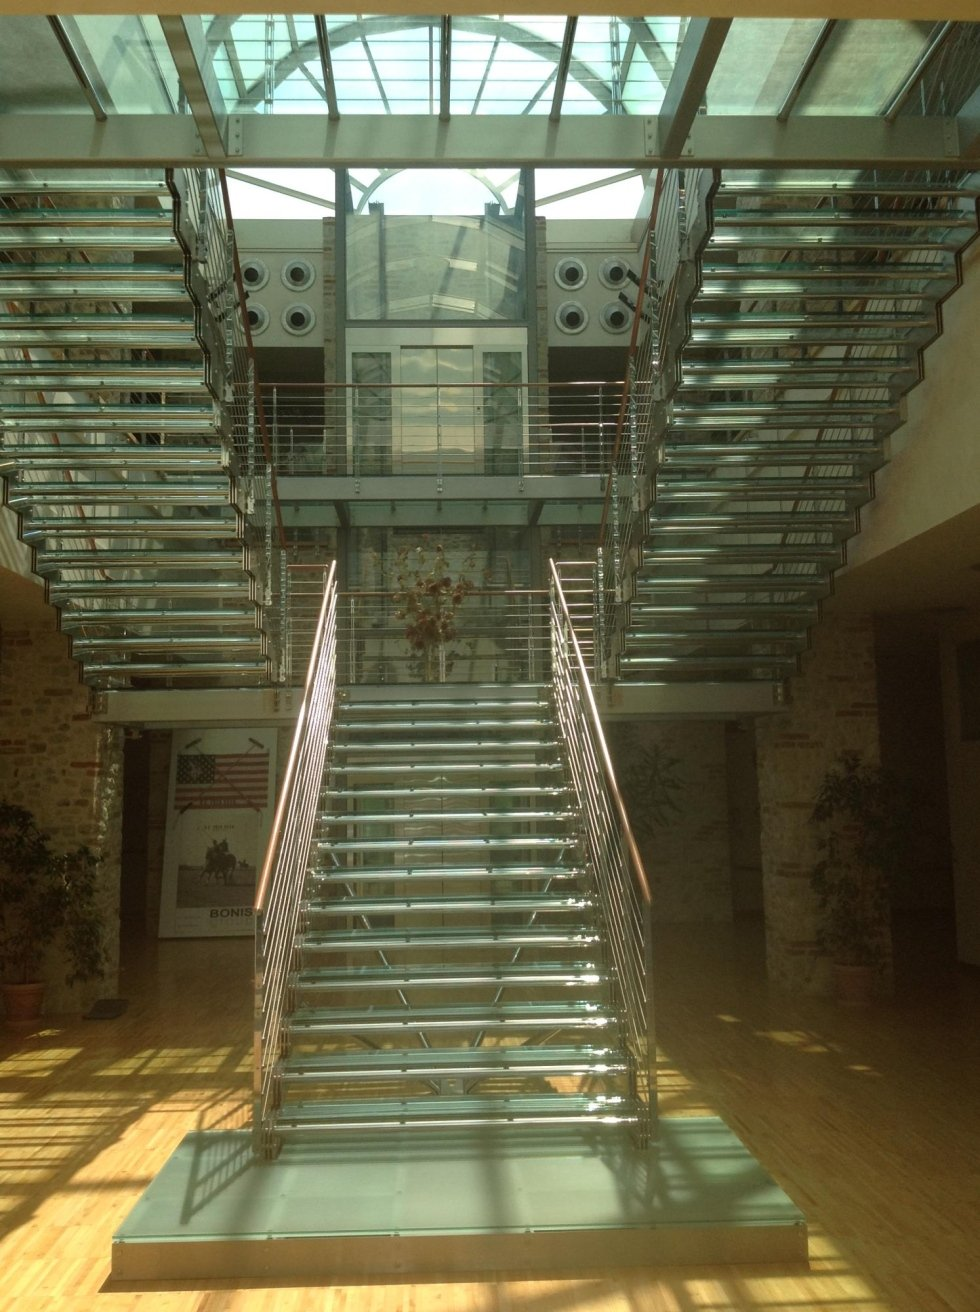 scalinata interna che porta a grande ascensore panoramico in vetro